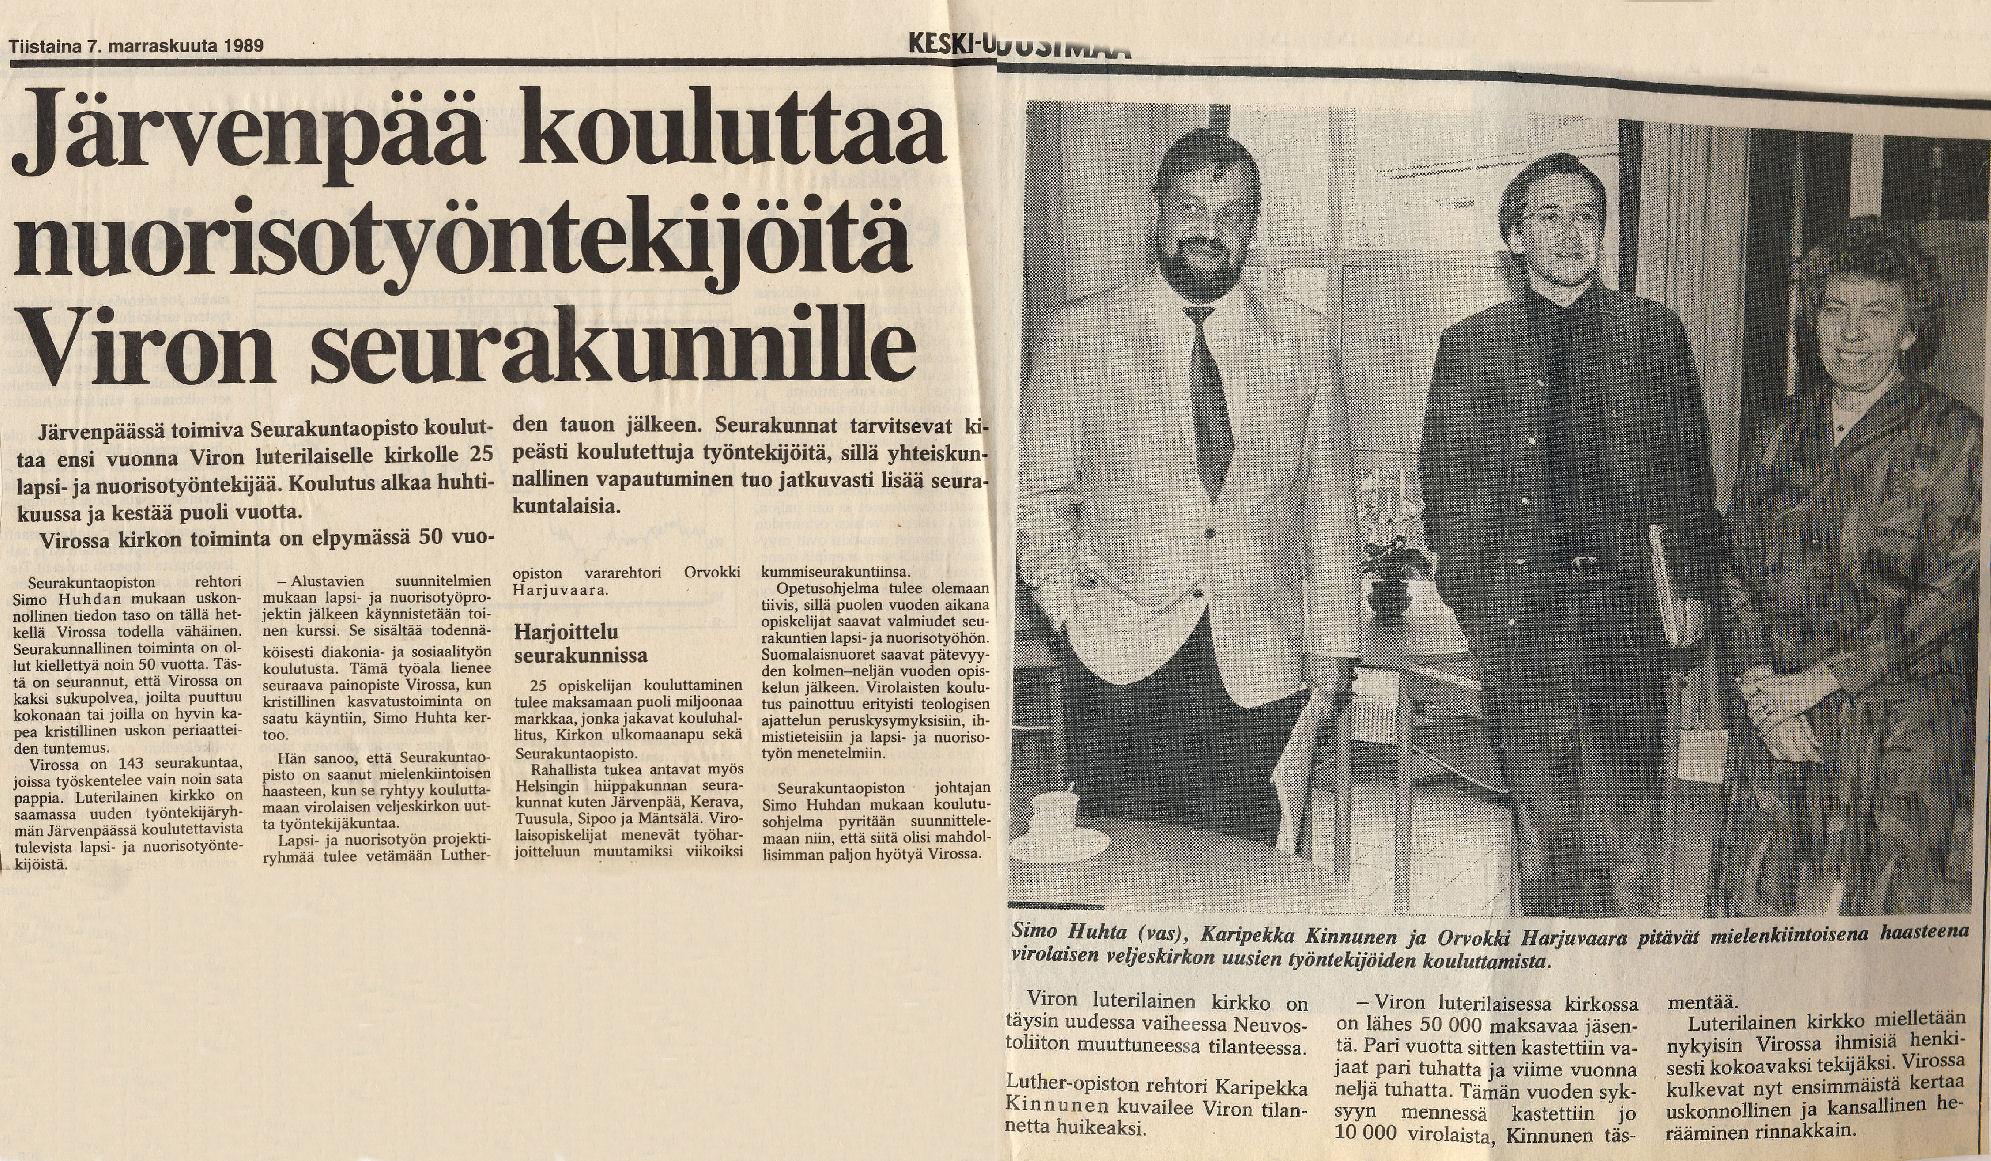 Viro-projekti toteutetaan Järvenpäässä